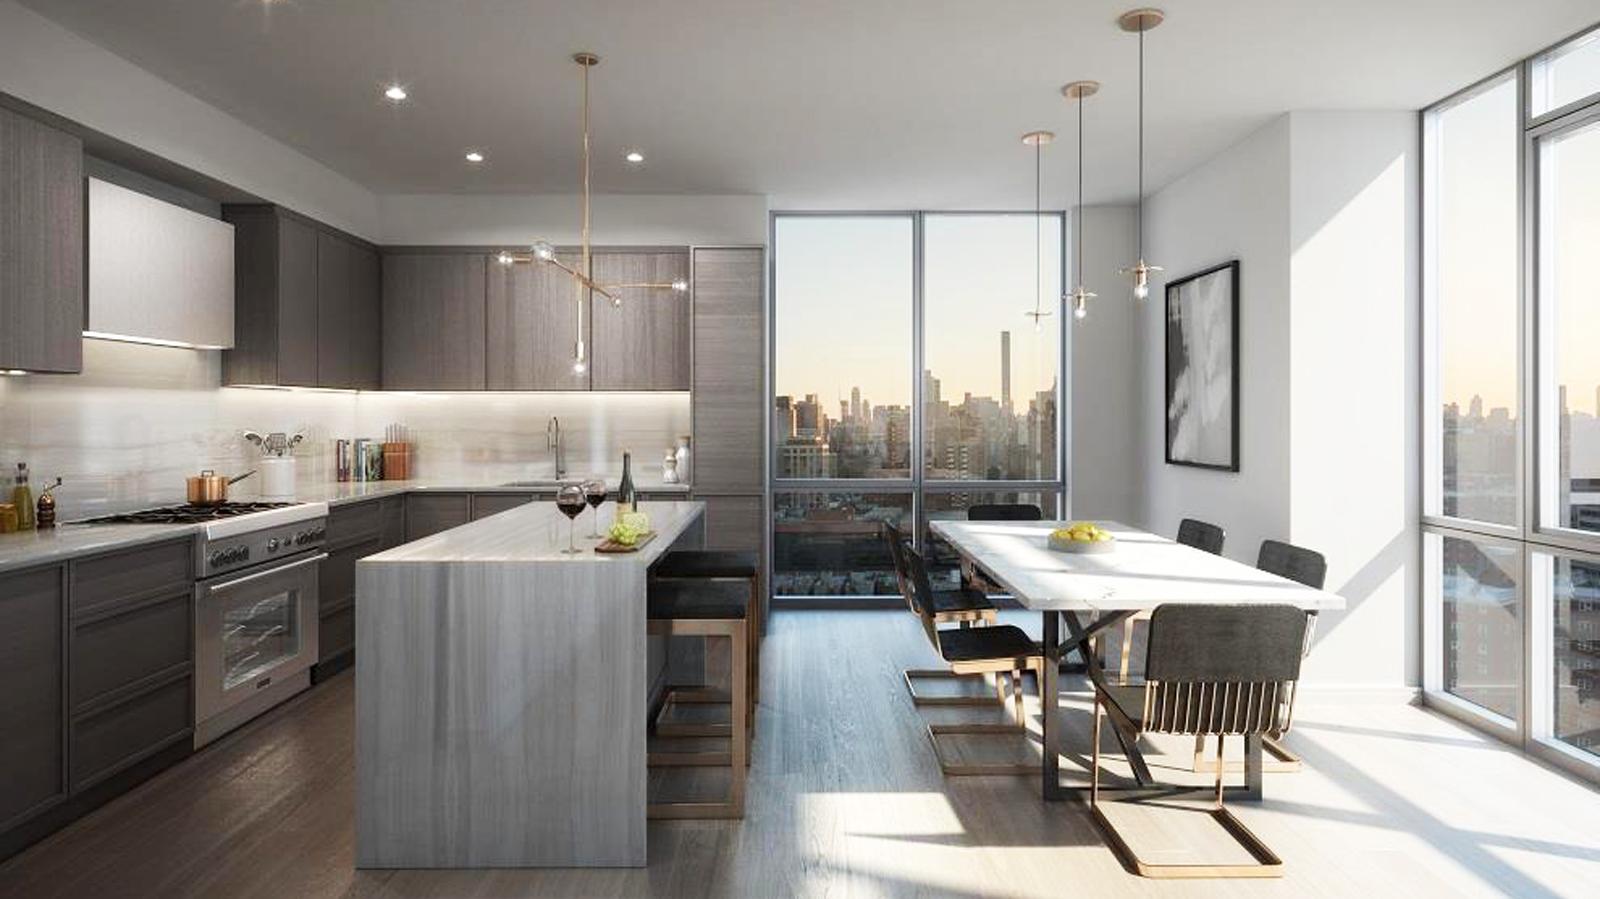 North Park Tower, 1399 Park Avenue